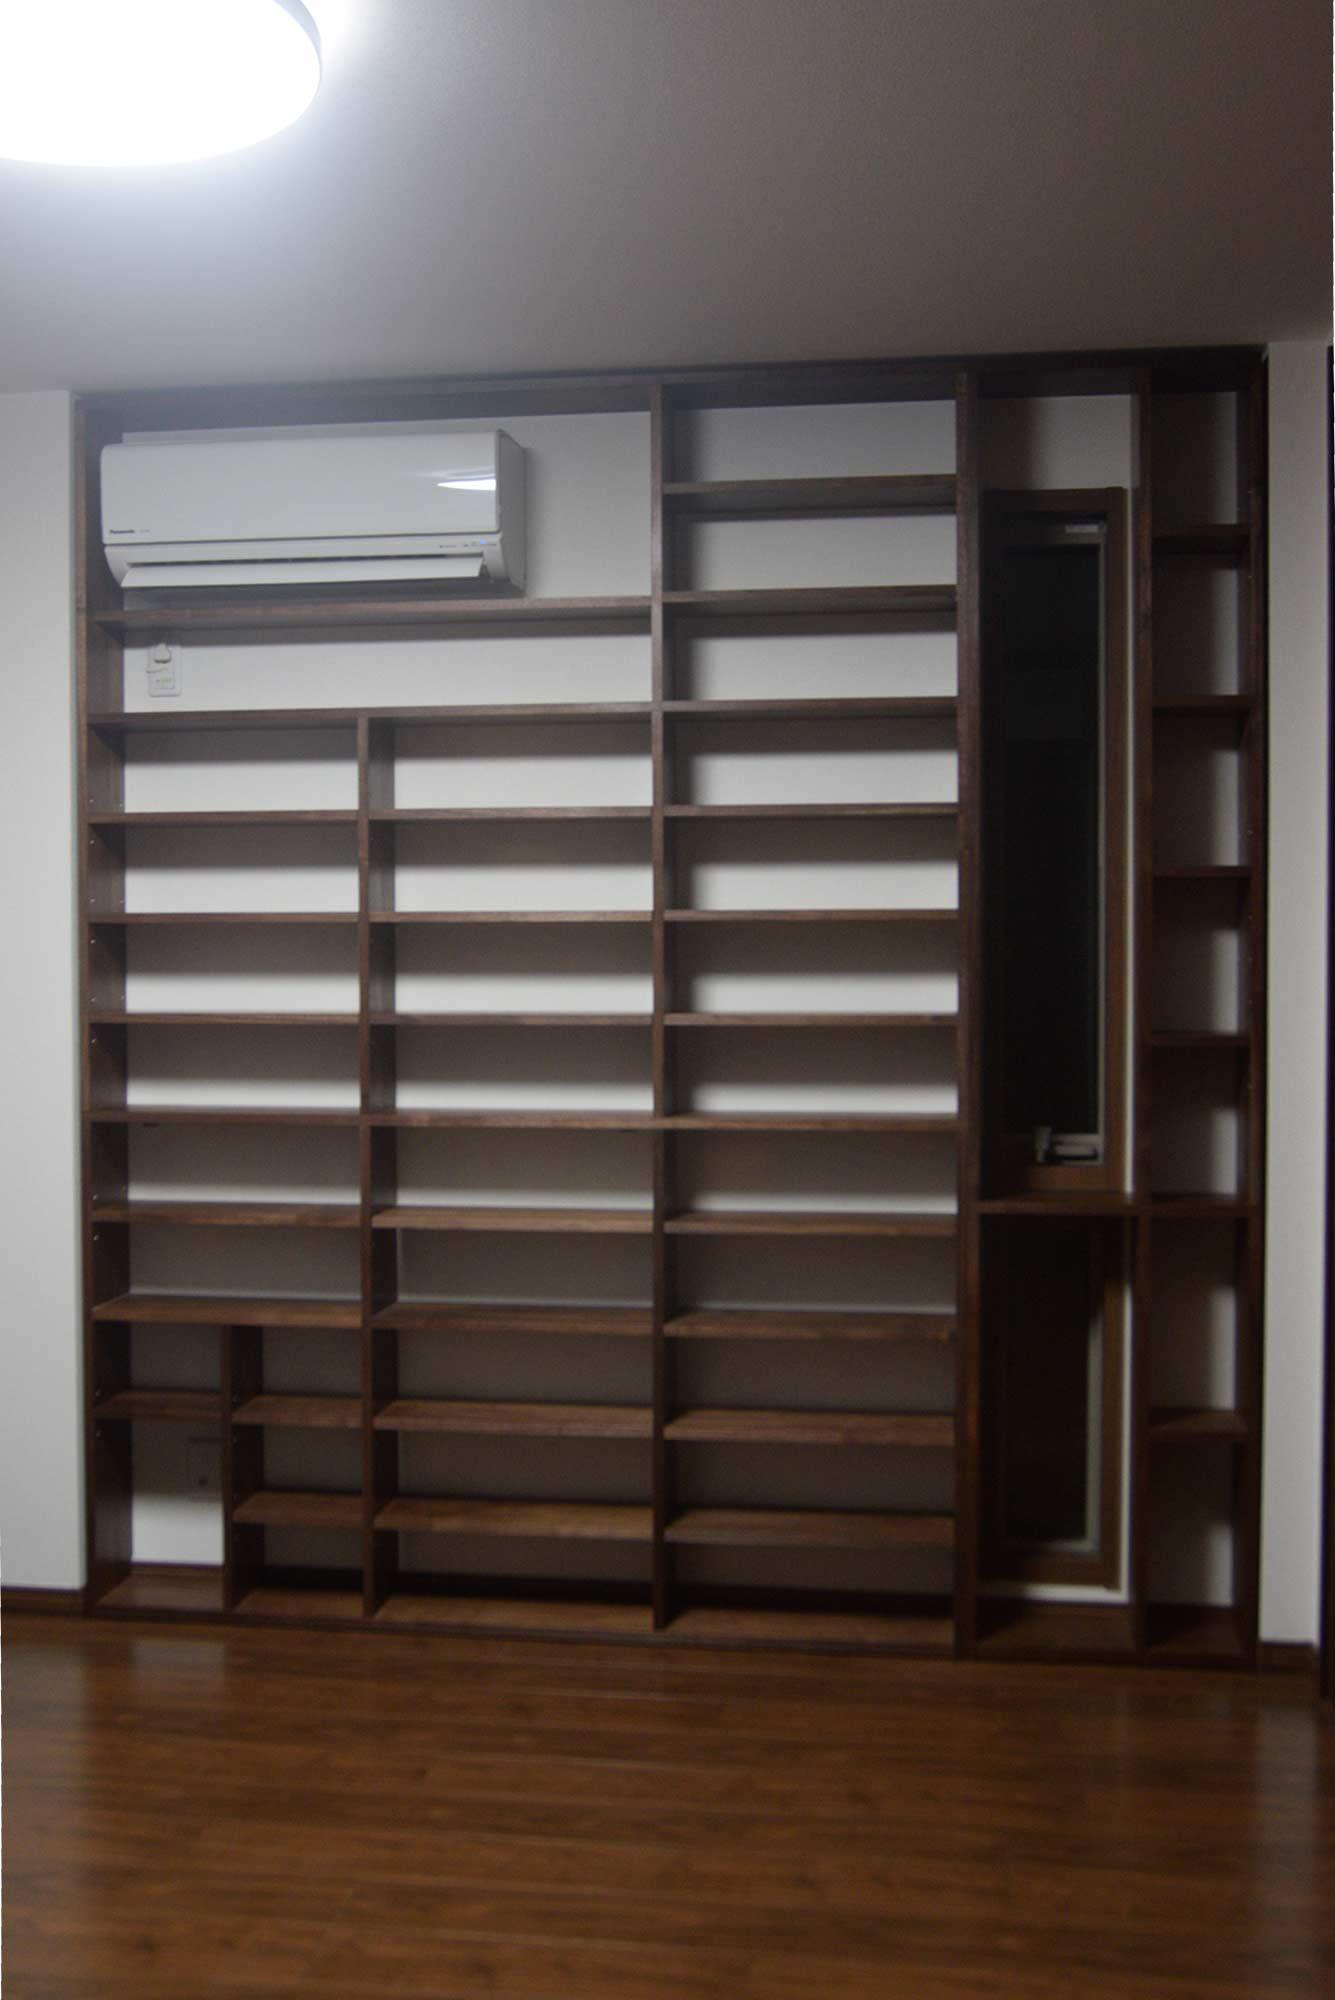 エアコンと窓を取り込んだ壁面収納